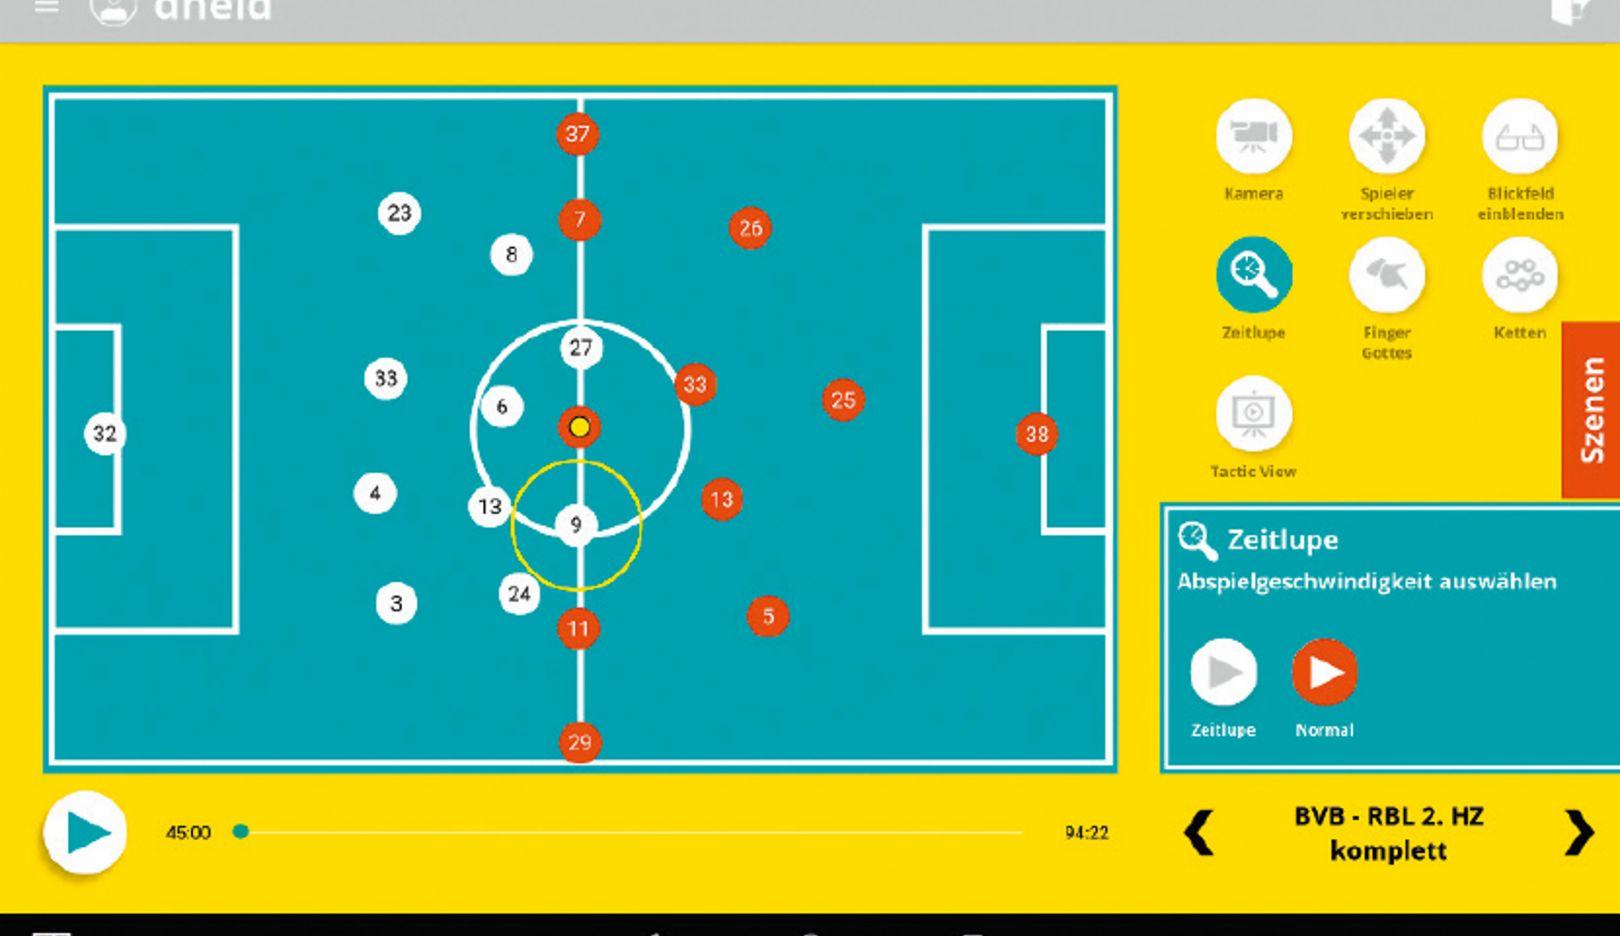 Preparación específica de cara al próximo contrincante: en el Soccerbot360 se pueden simular sistemas de juego. Así el jugador aprende a encontrar soluciones.